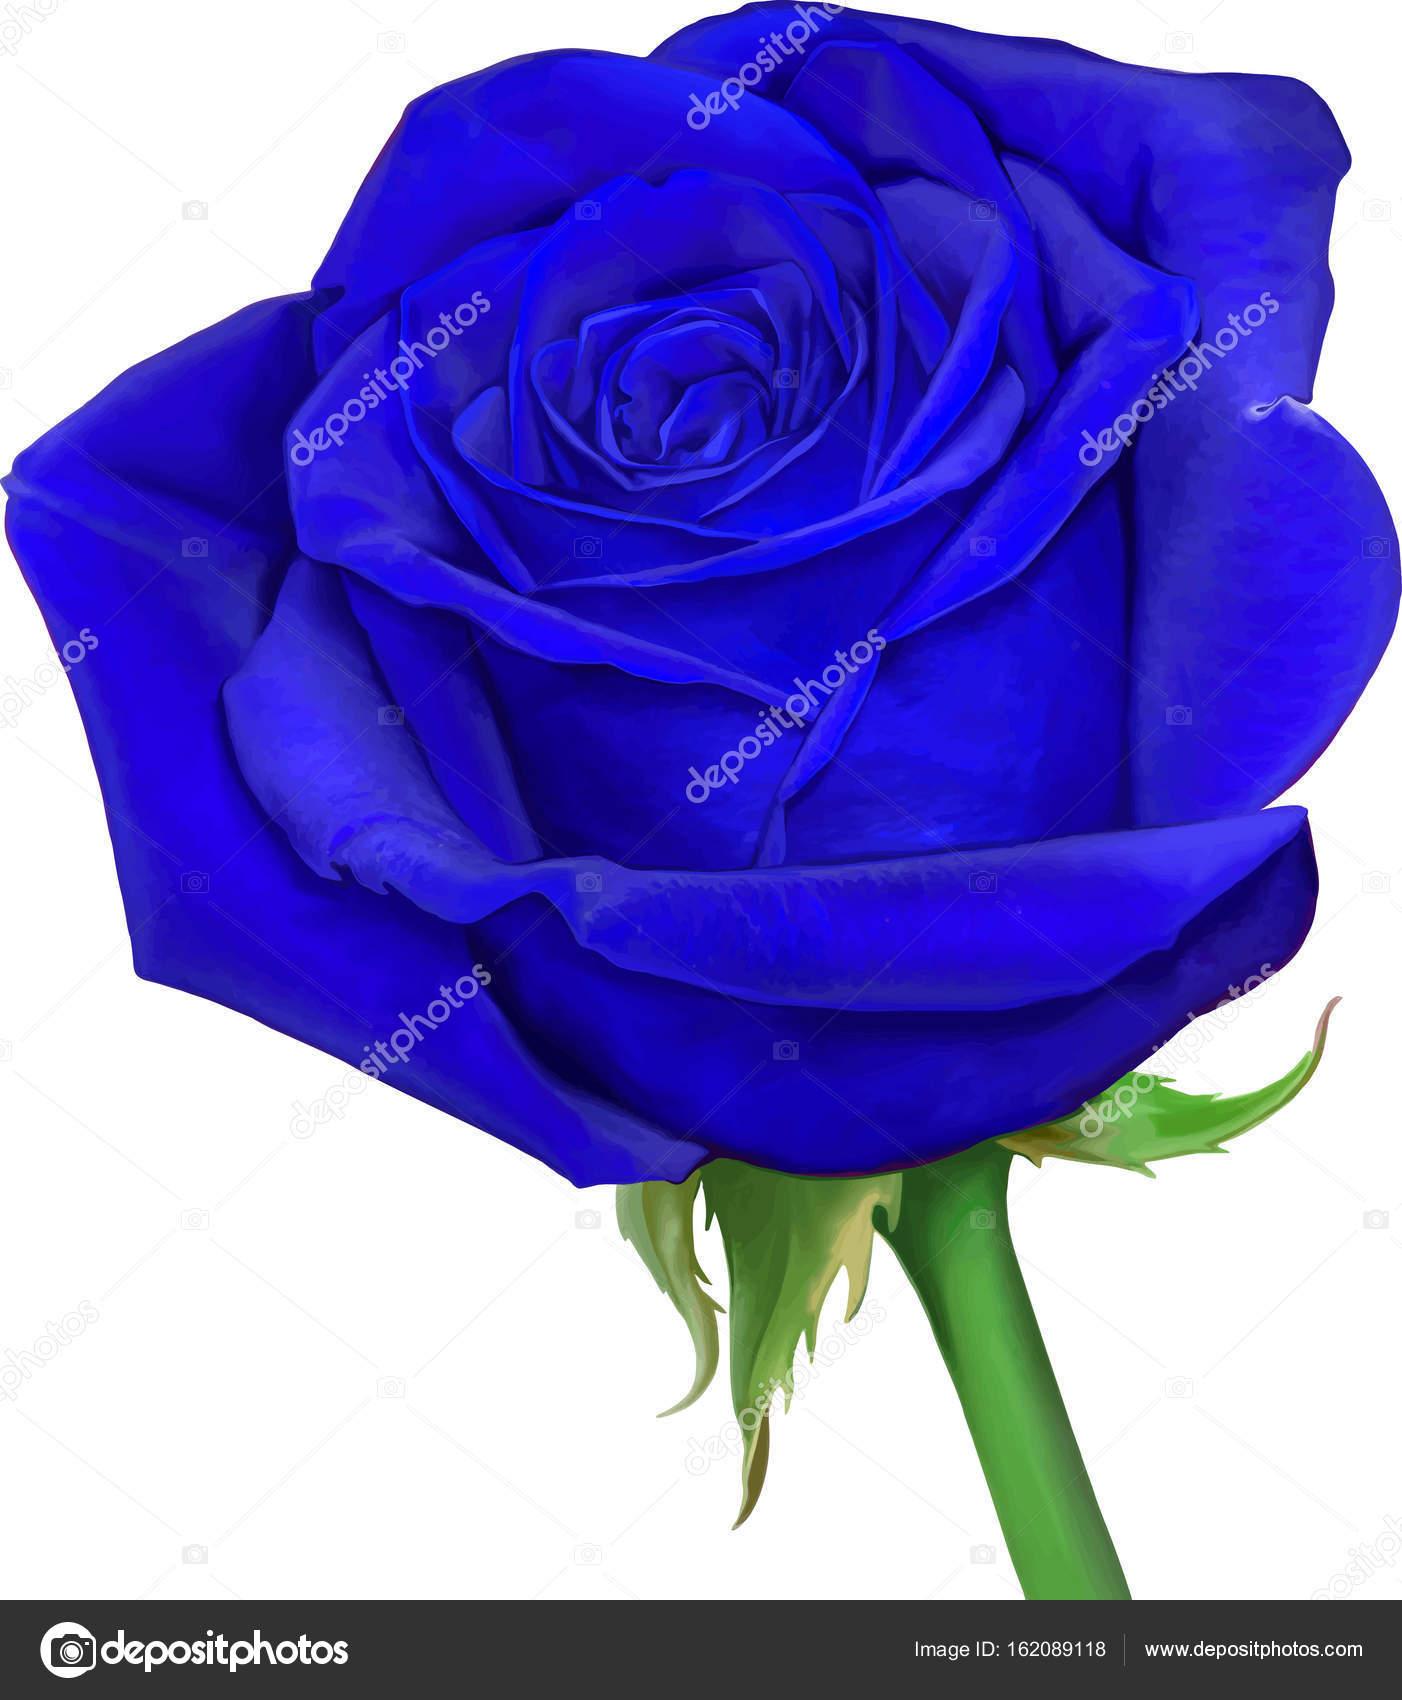 Belle Image Rose Bleu belle fleur rose bleu clair — photographie artnature © #162089118